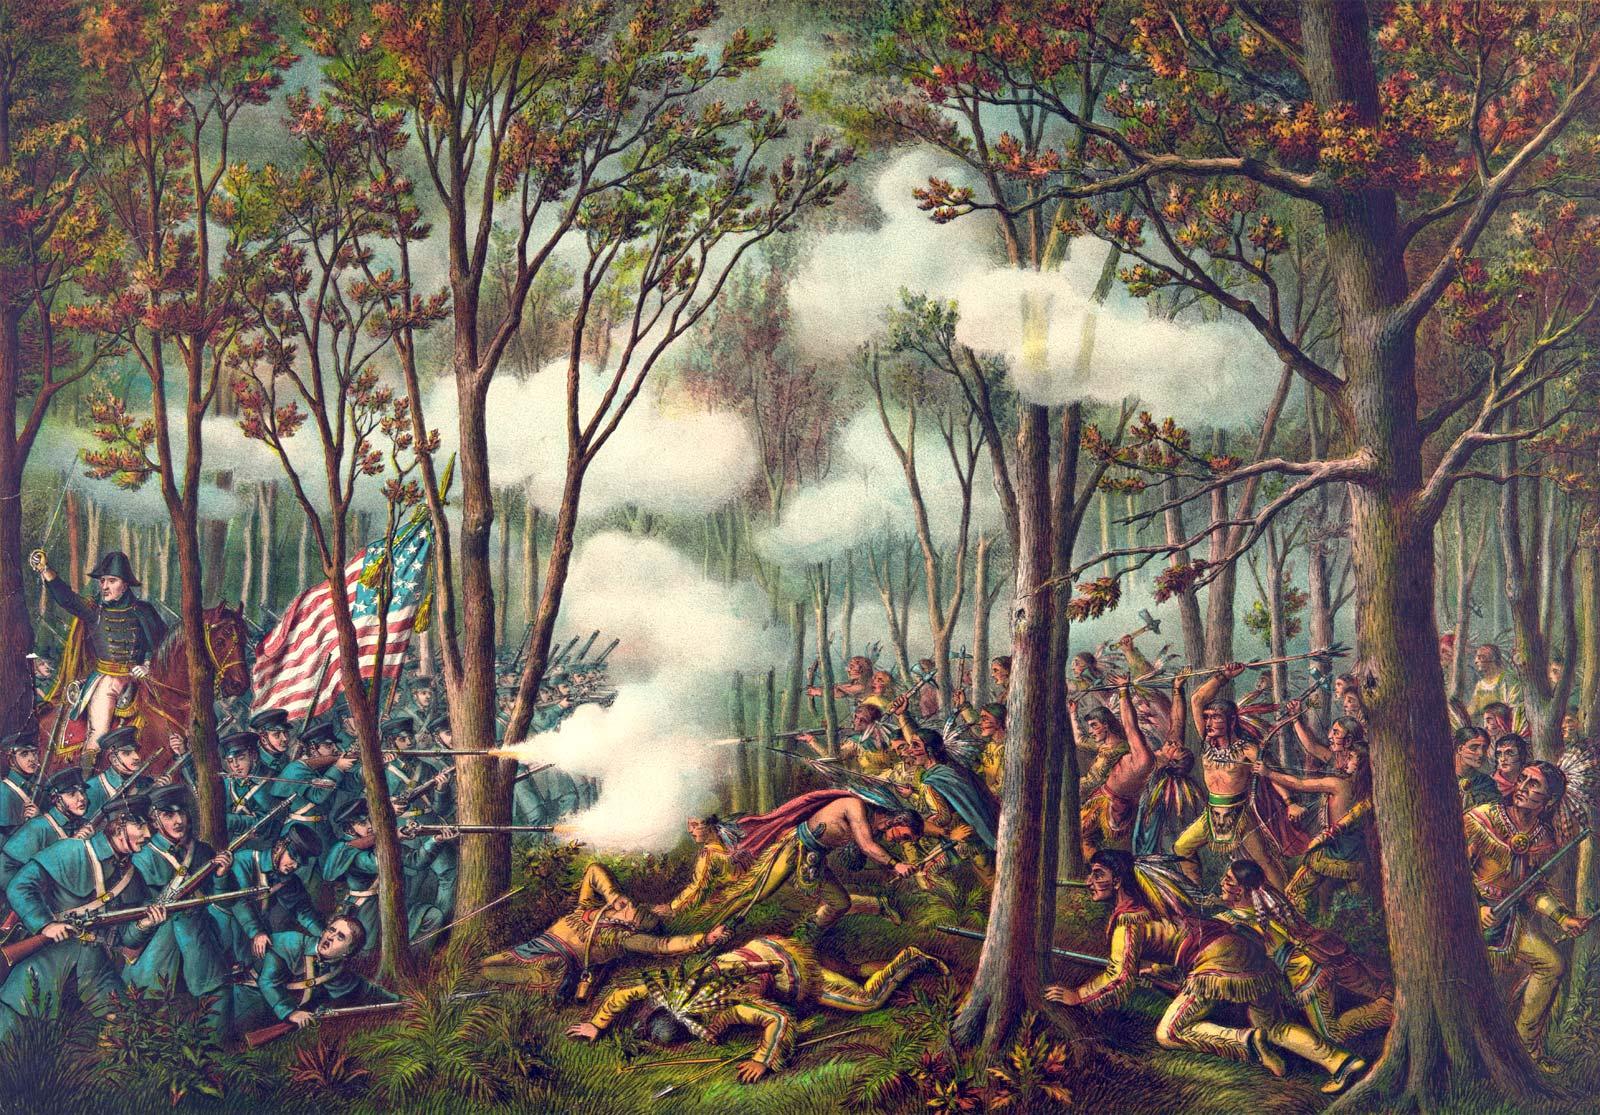 Η μάχη του Tippecanoe (1811). Battle of Tippecanoe.